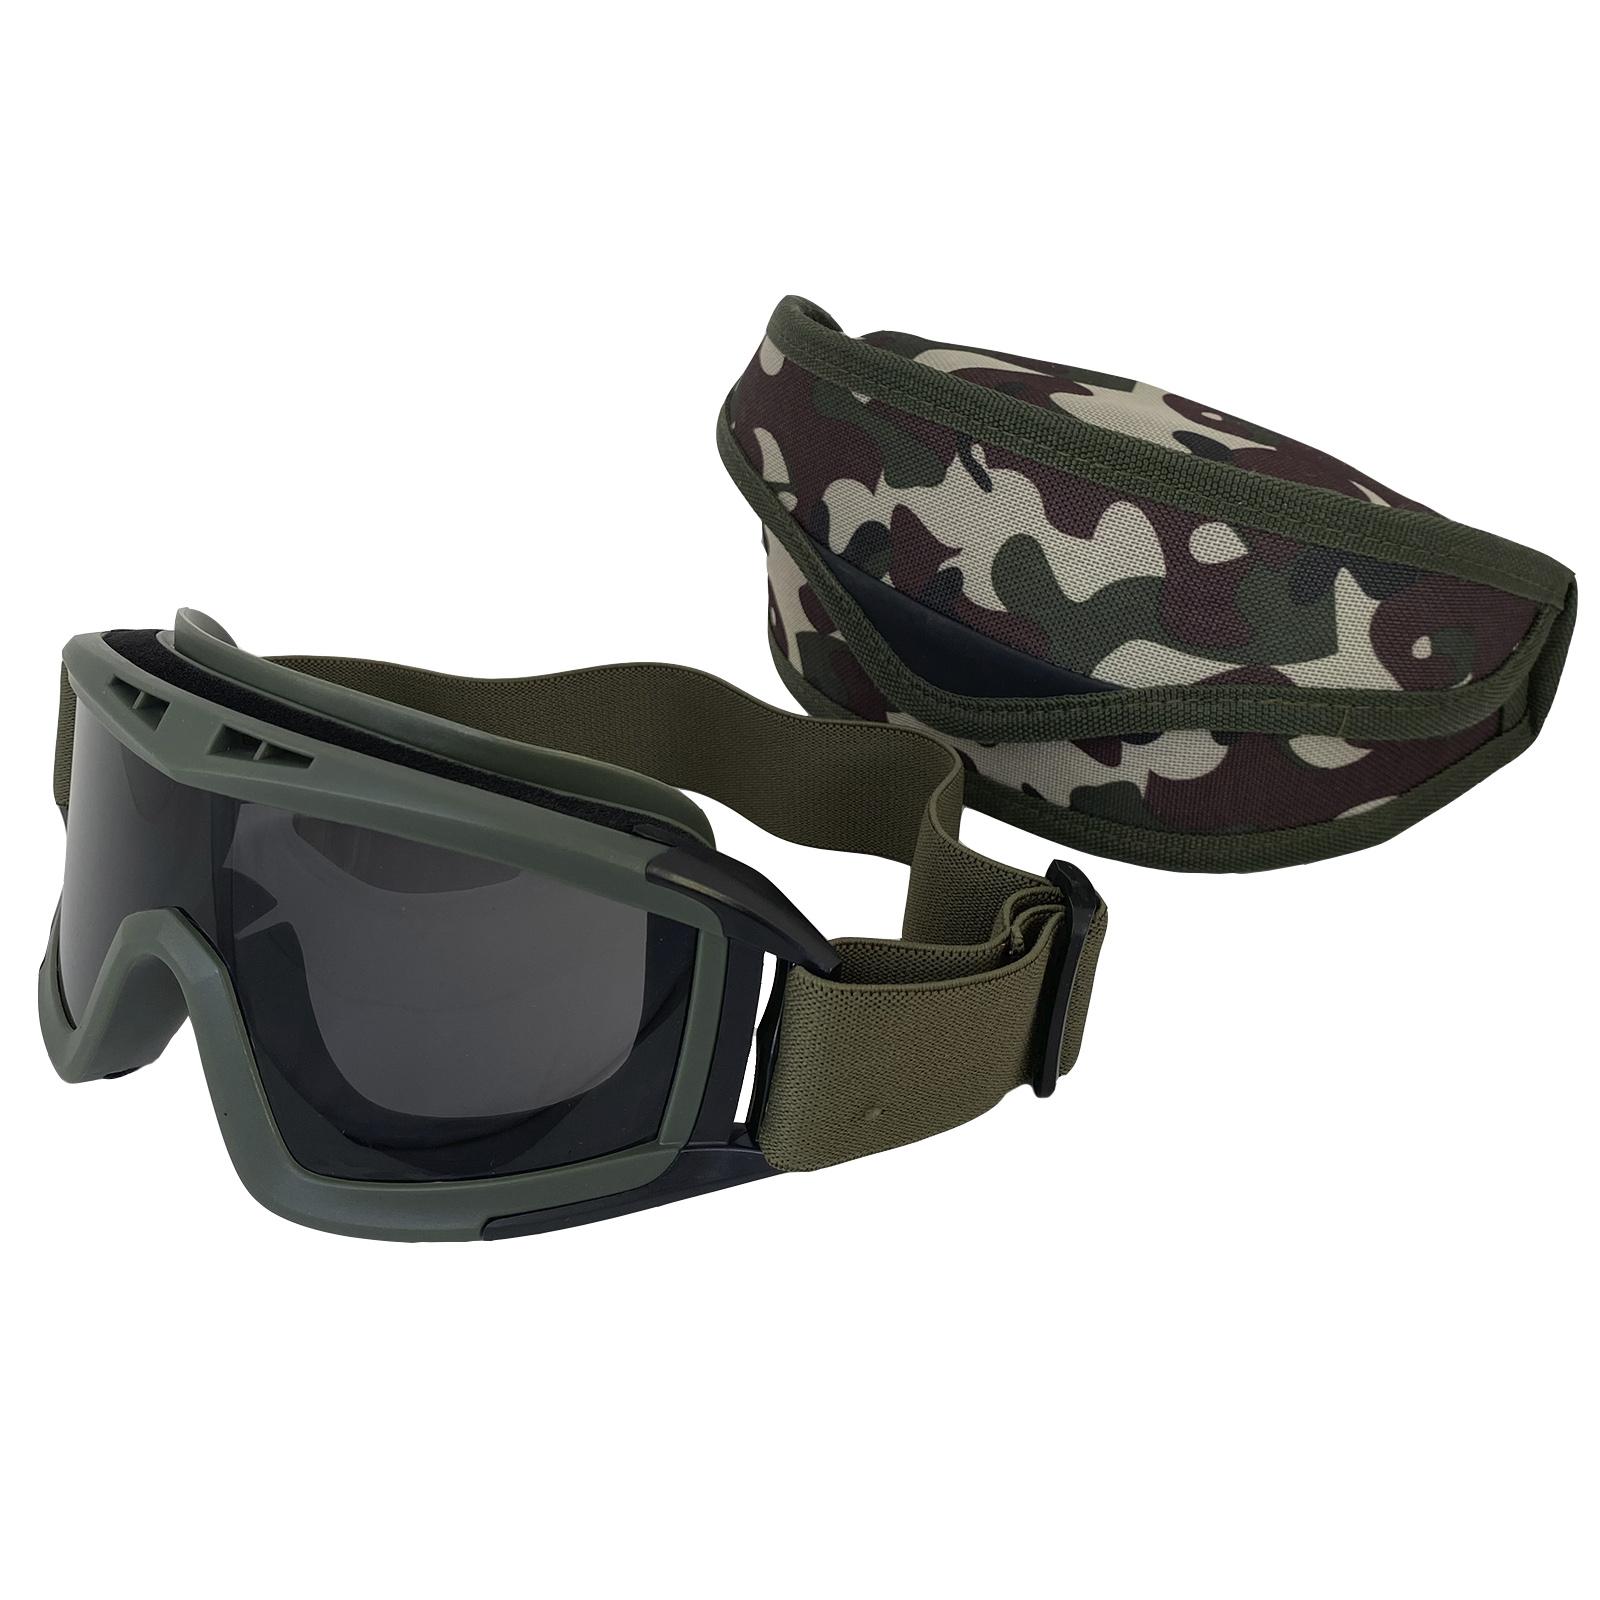 Тактические очки для страйкбола (хаки-олива)